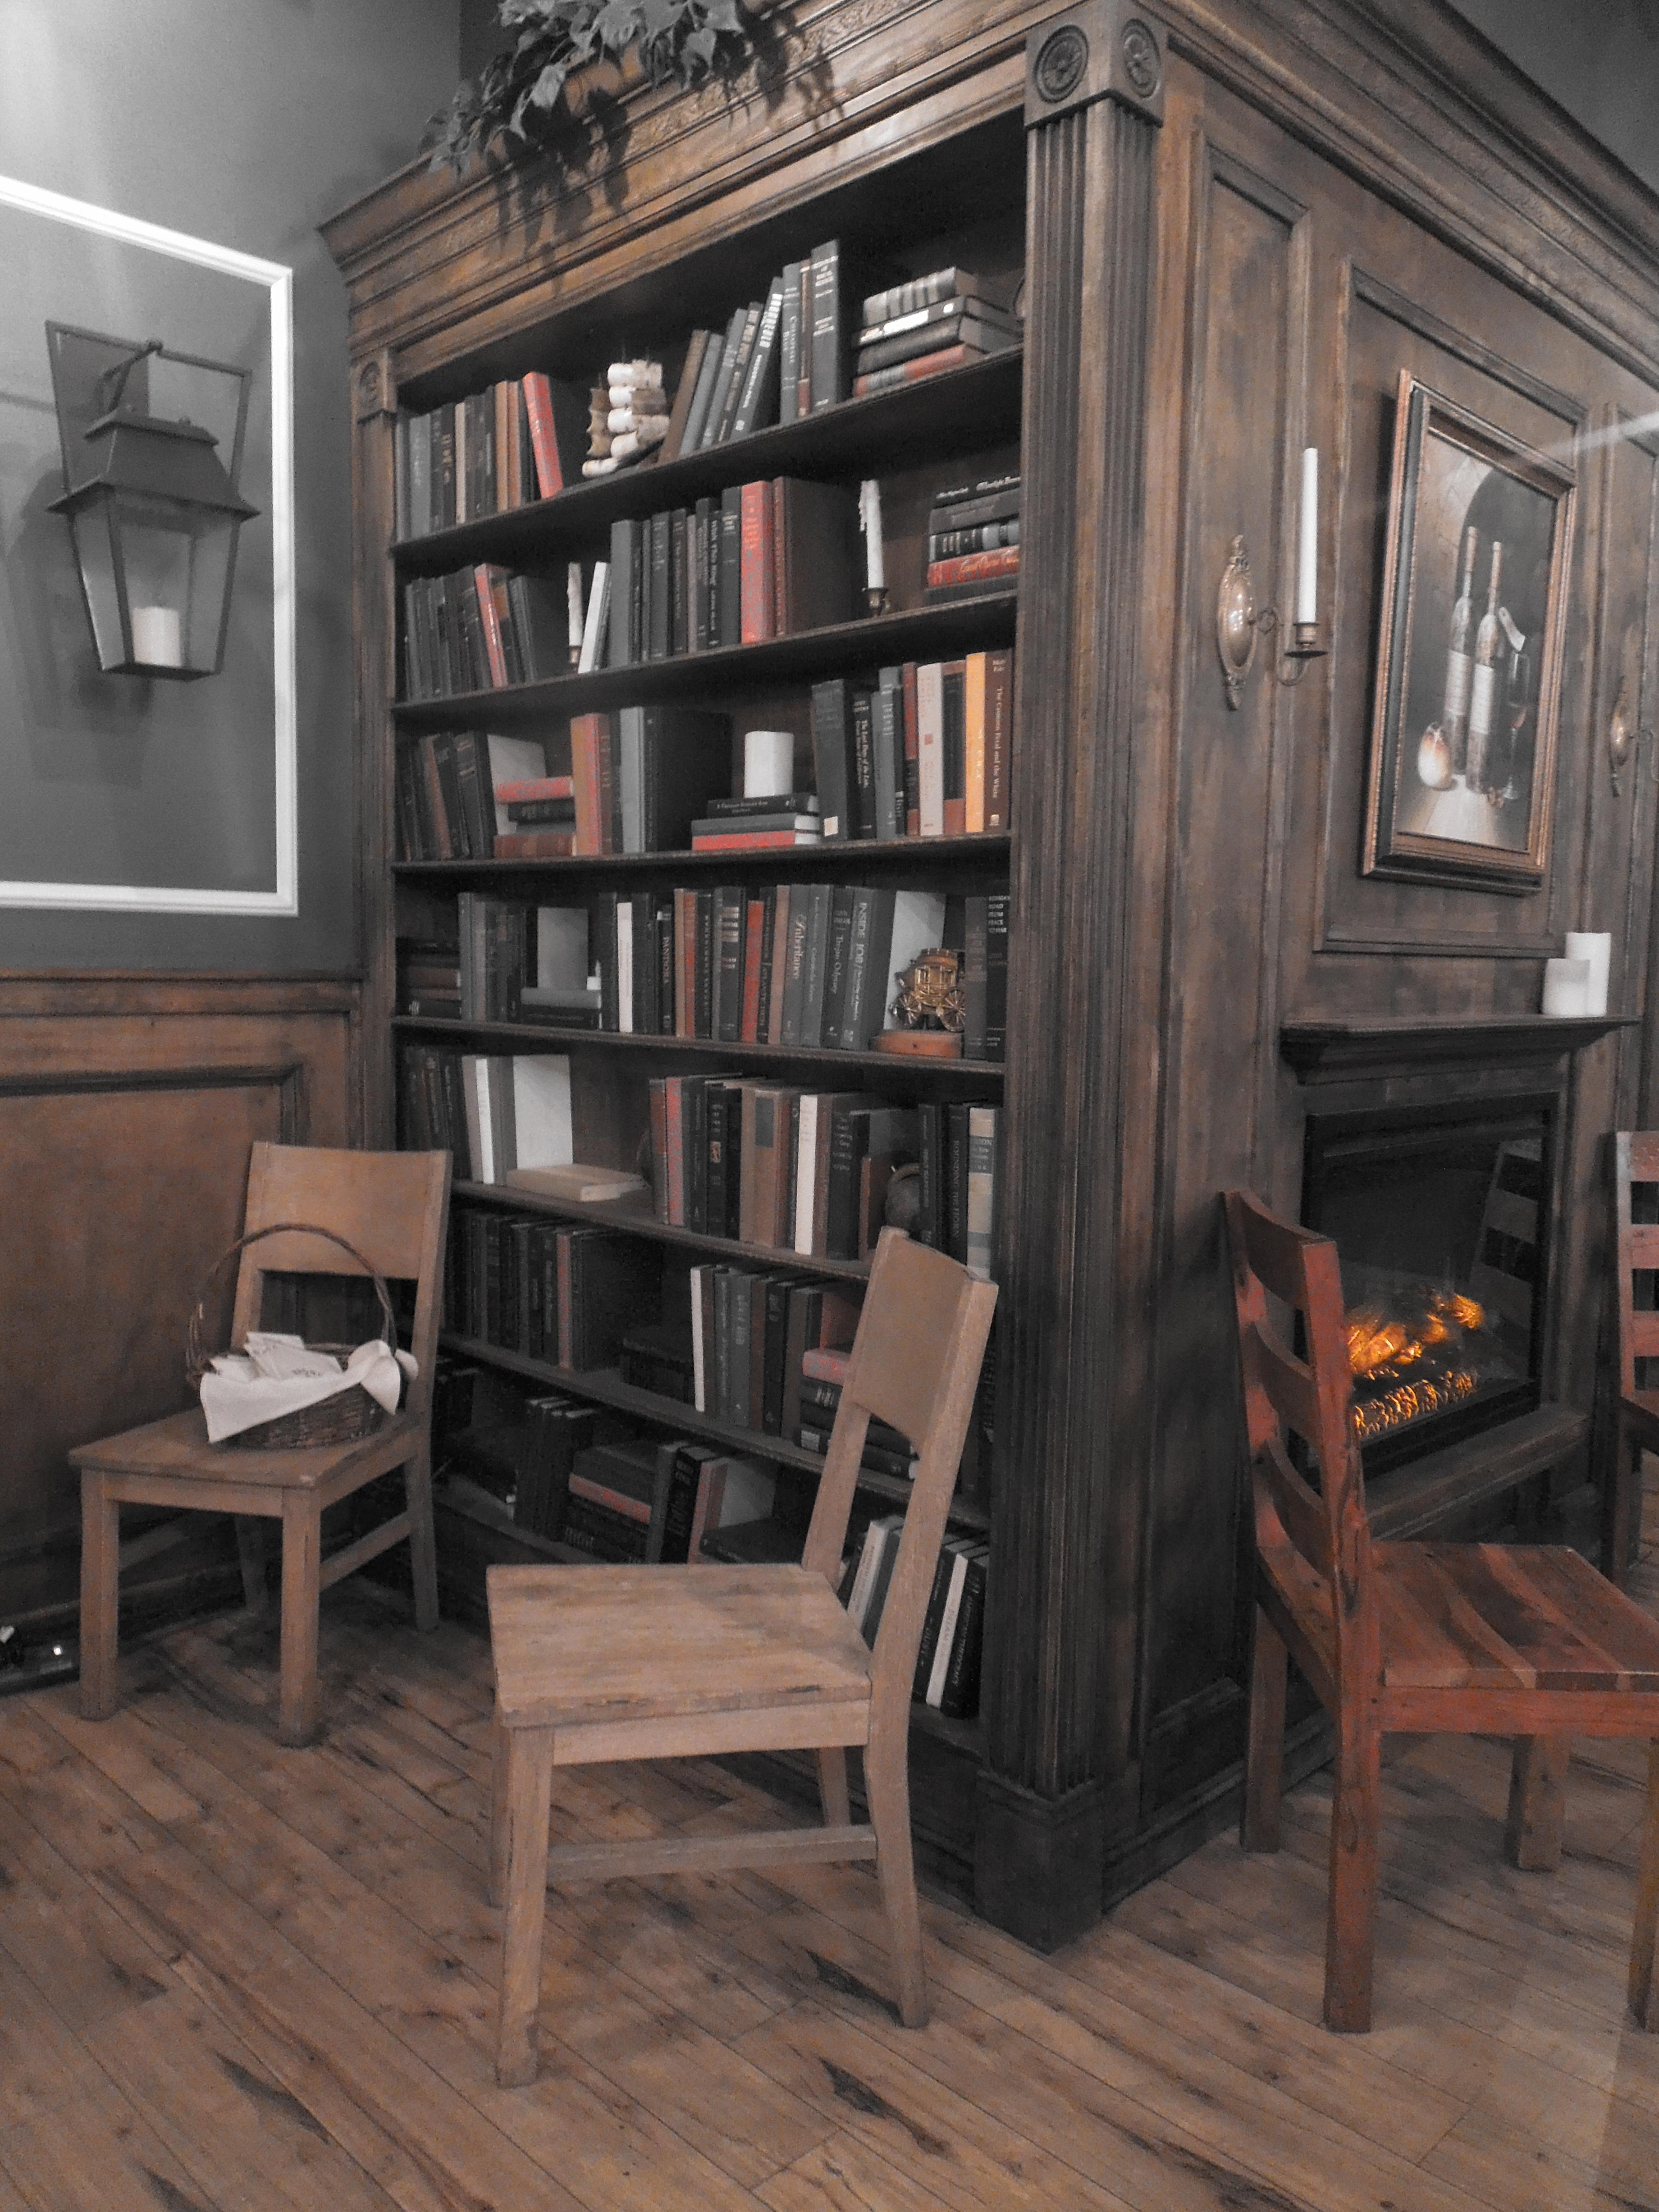 Courses Bookcase Link Woodturning Tools Uk Etsy